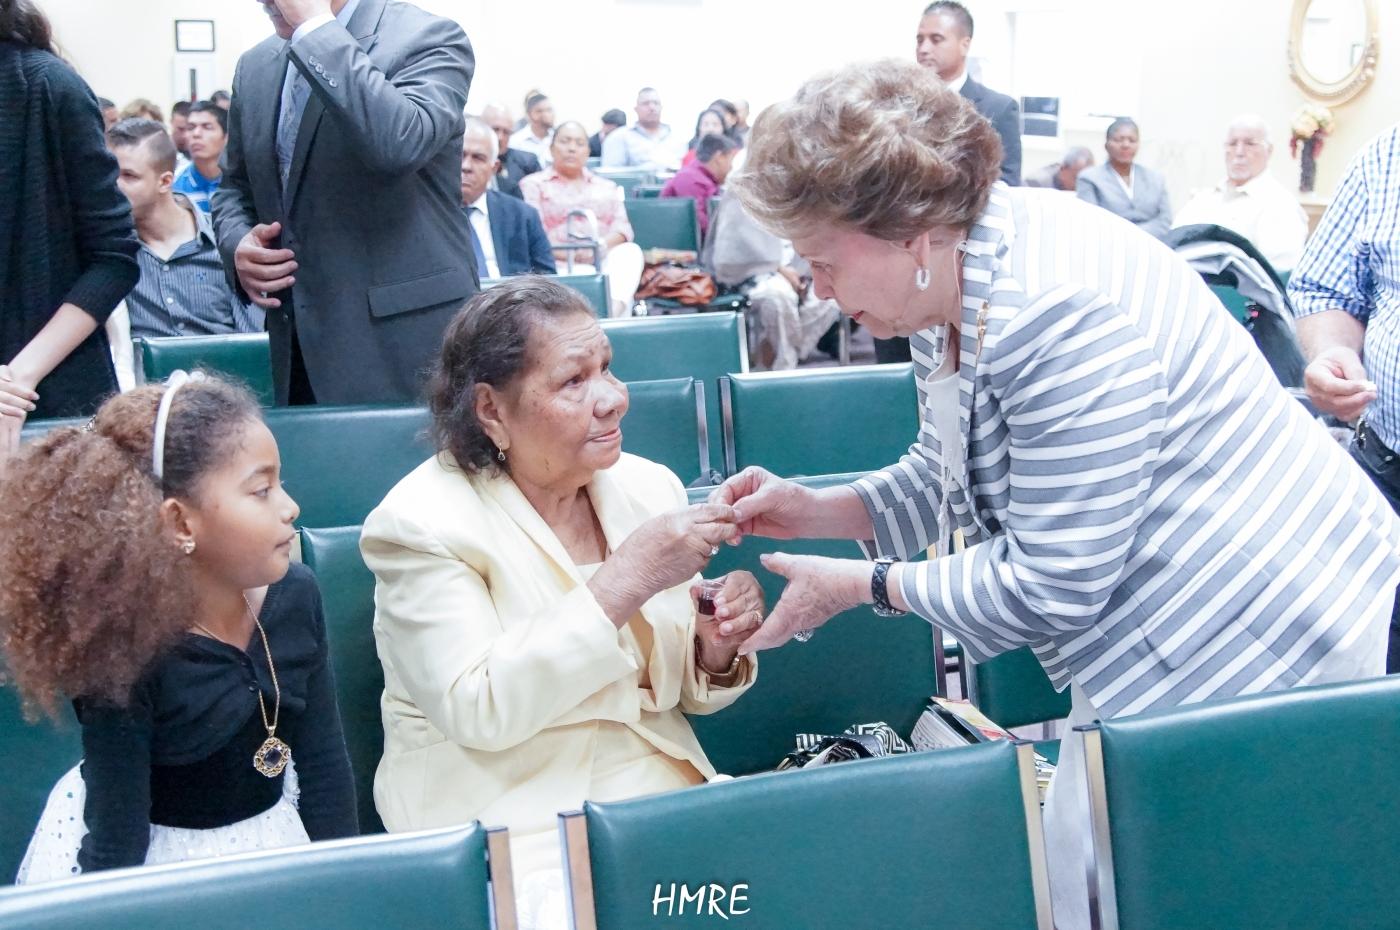 Se trata de la abuelita Leticia. Ella tiene 97 años de edad. No falta a ningún servicio en la iglesia los jueves y domingo.